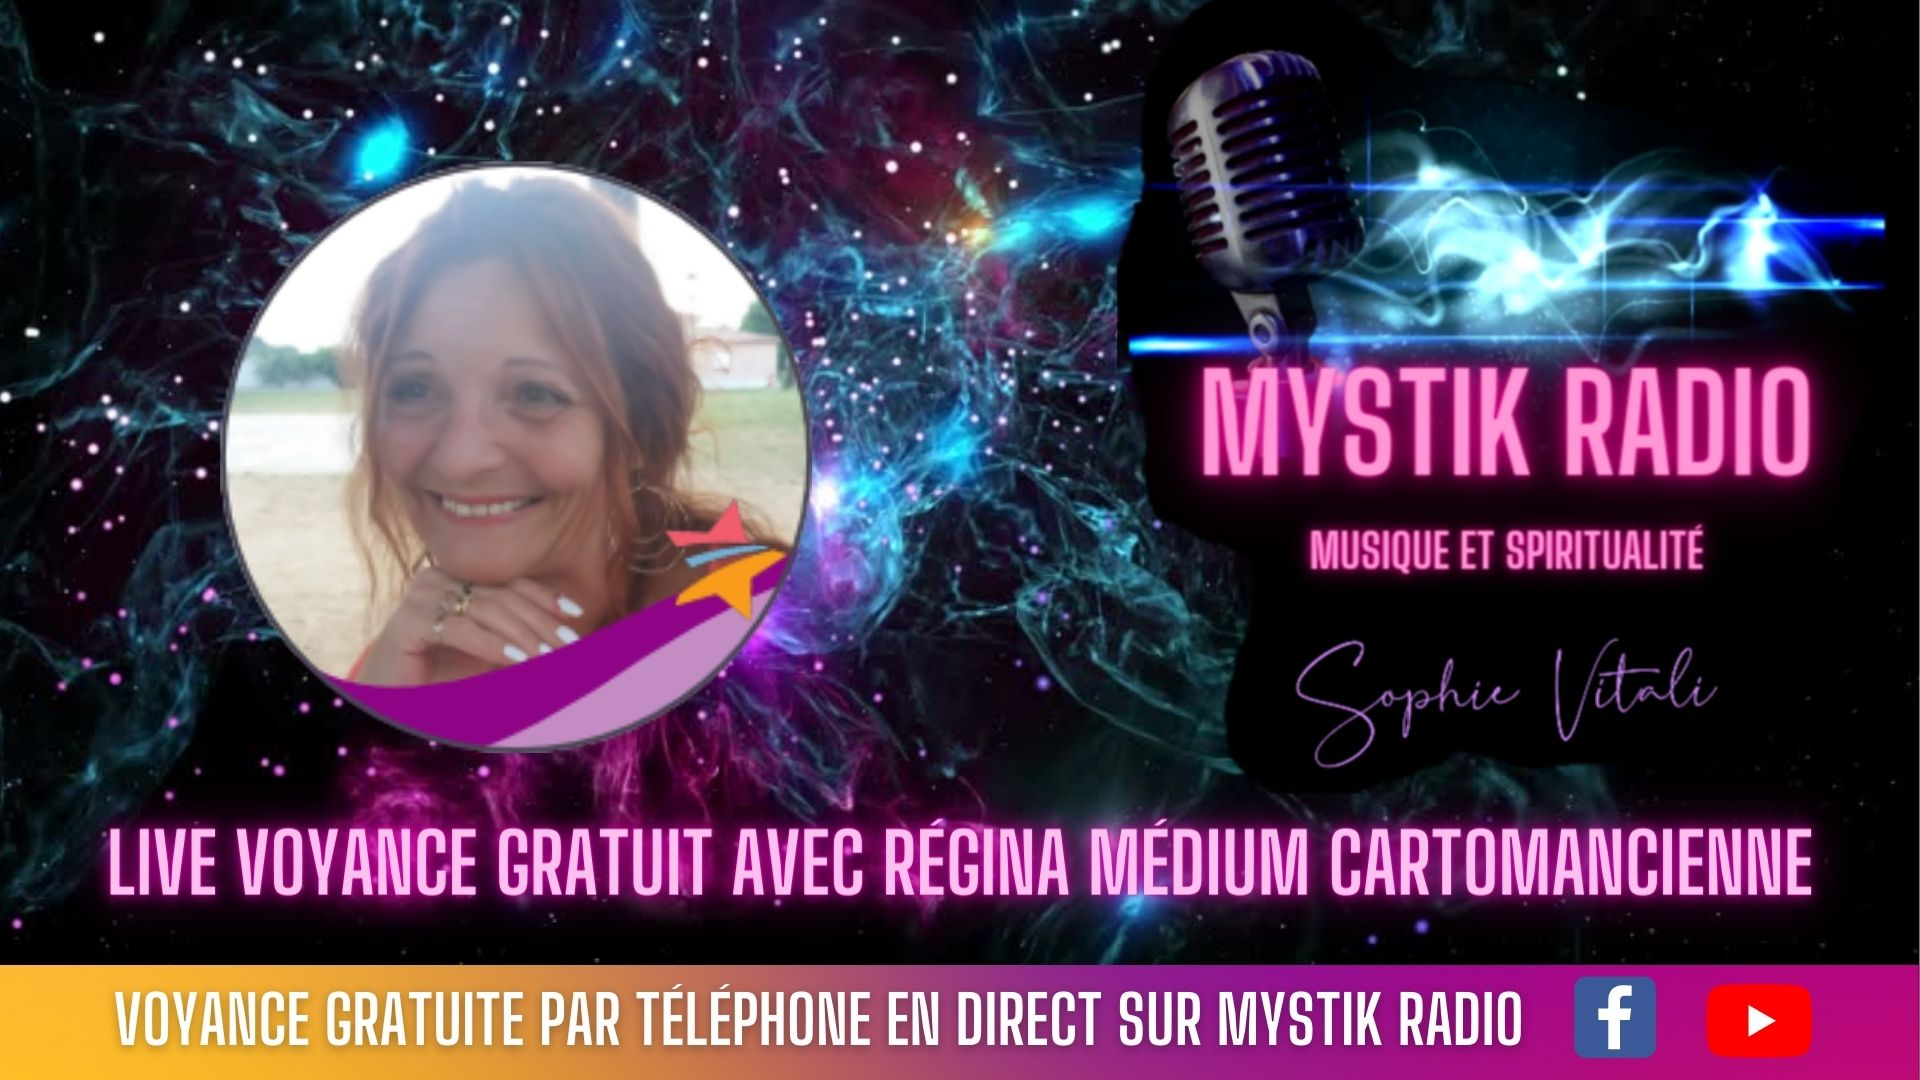 Retrouvez Régina médium et cartomancienne en direct sur Mystik Radio et en simultané sur Facebook et YouTube !